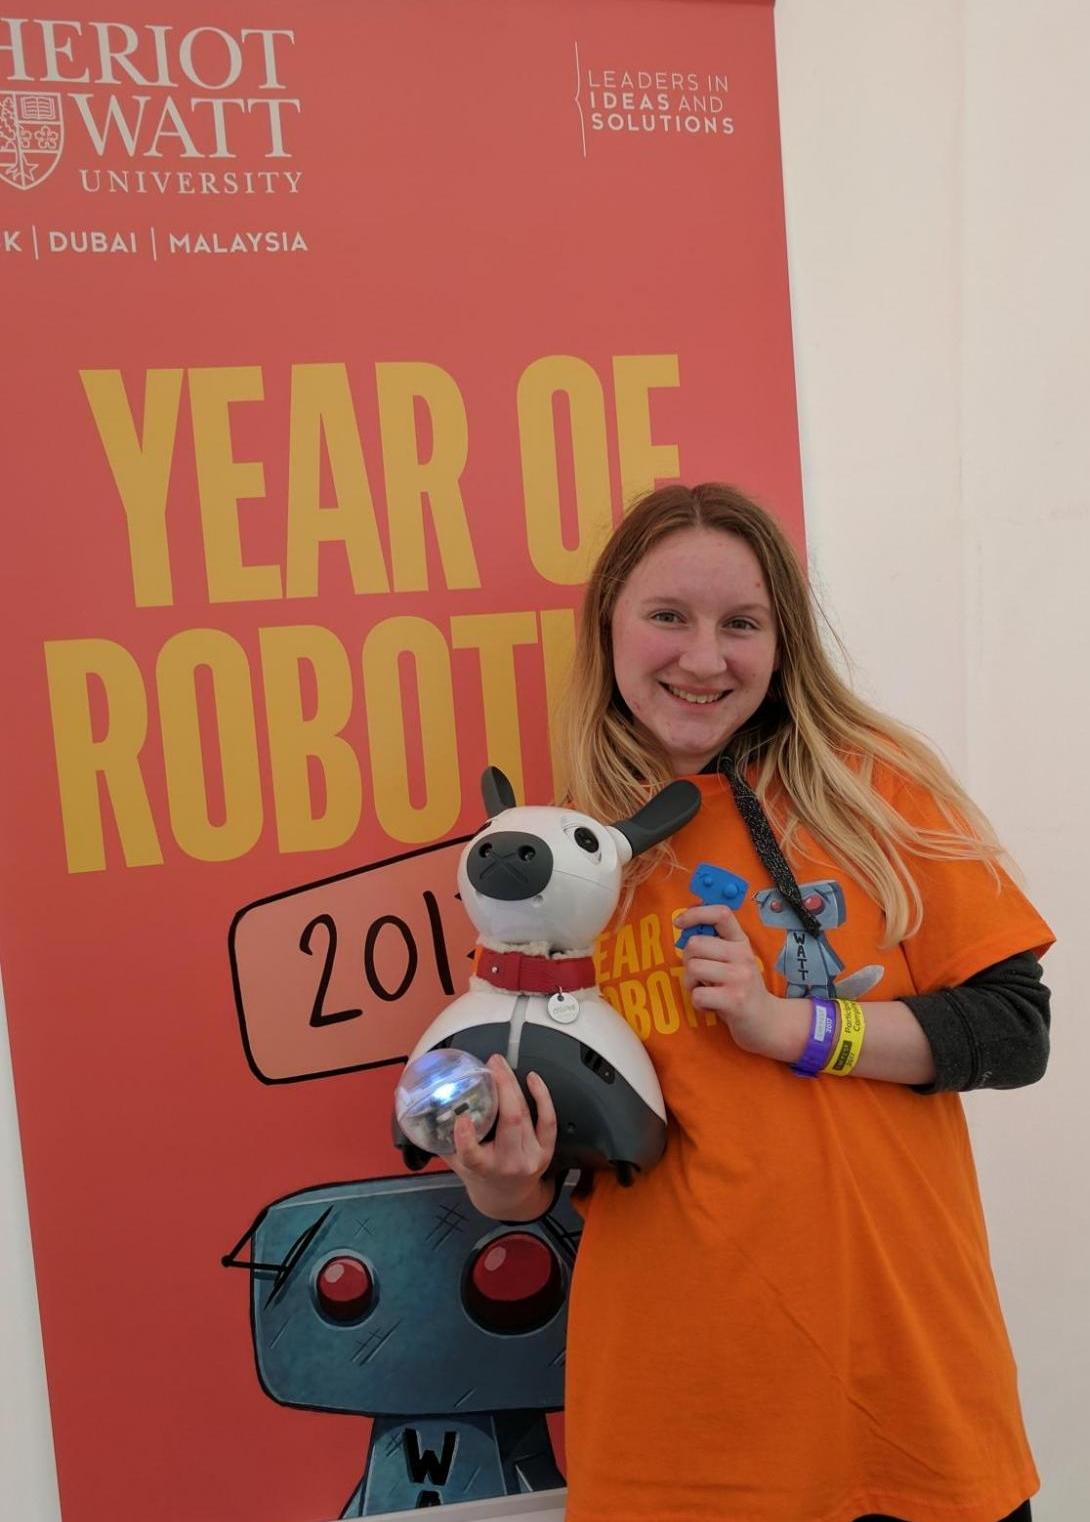 Miro at Heriot Watt University for the Year of Robotics 2017.